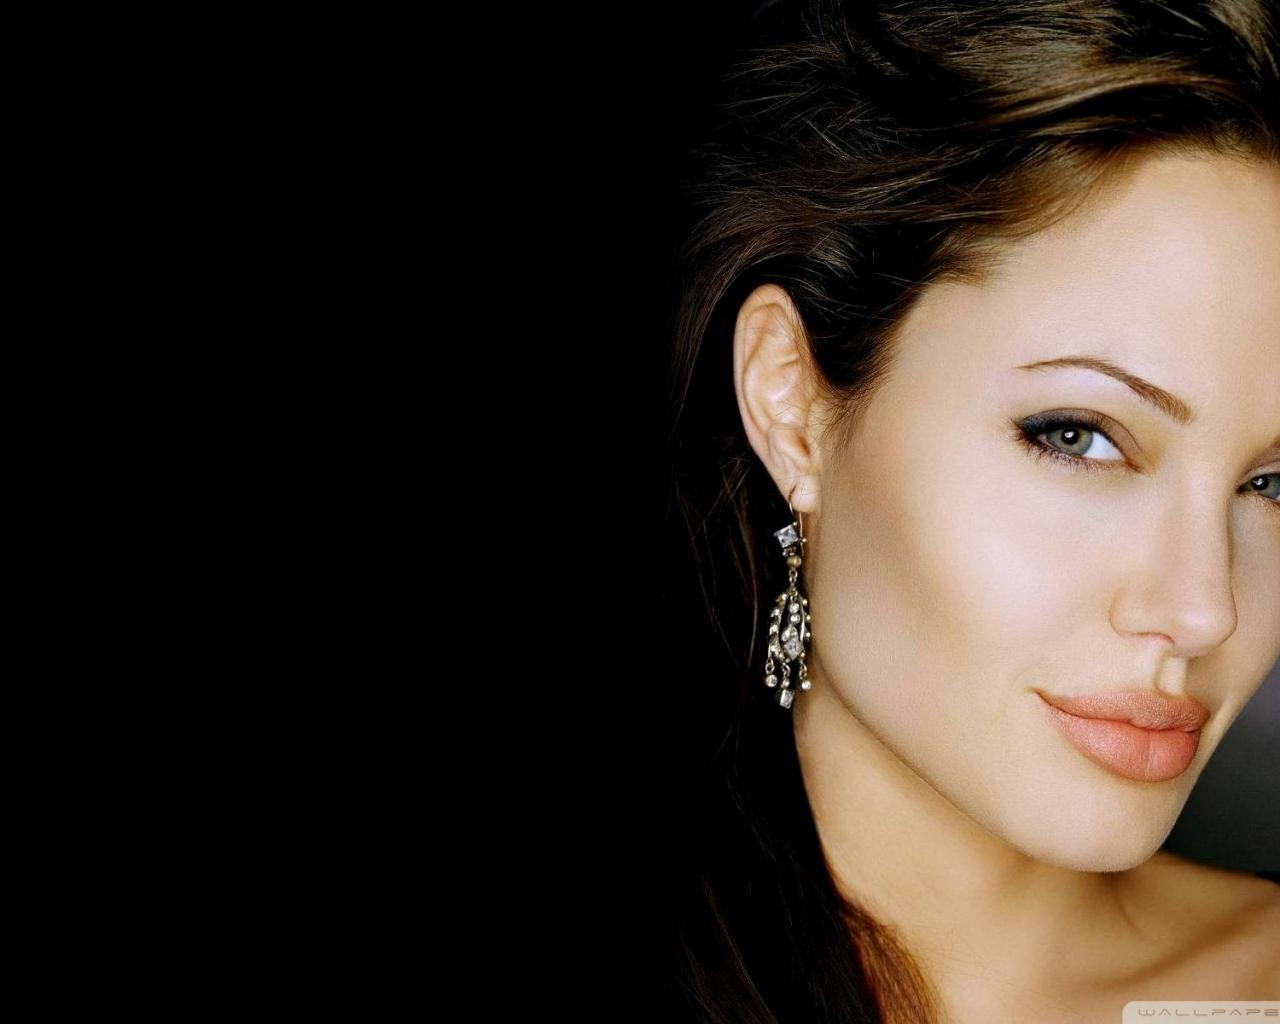 Rostro de Angelina Jolie - 1280x1024